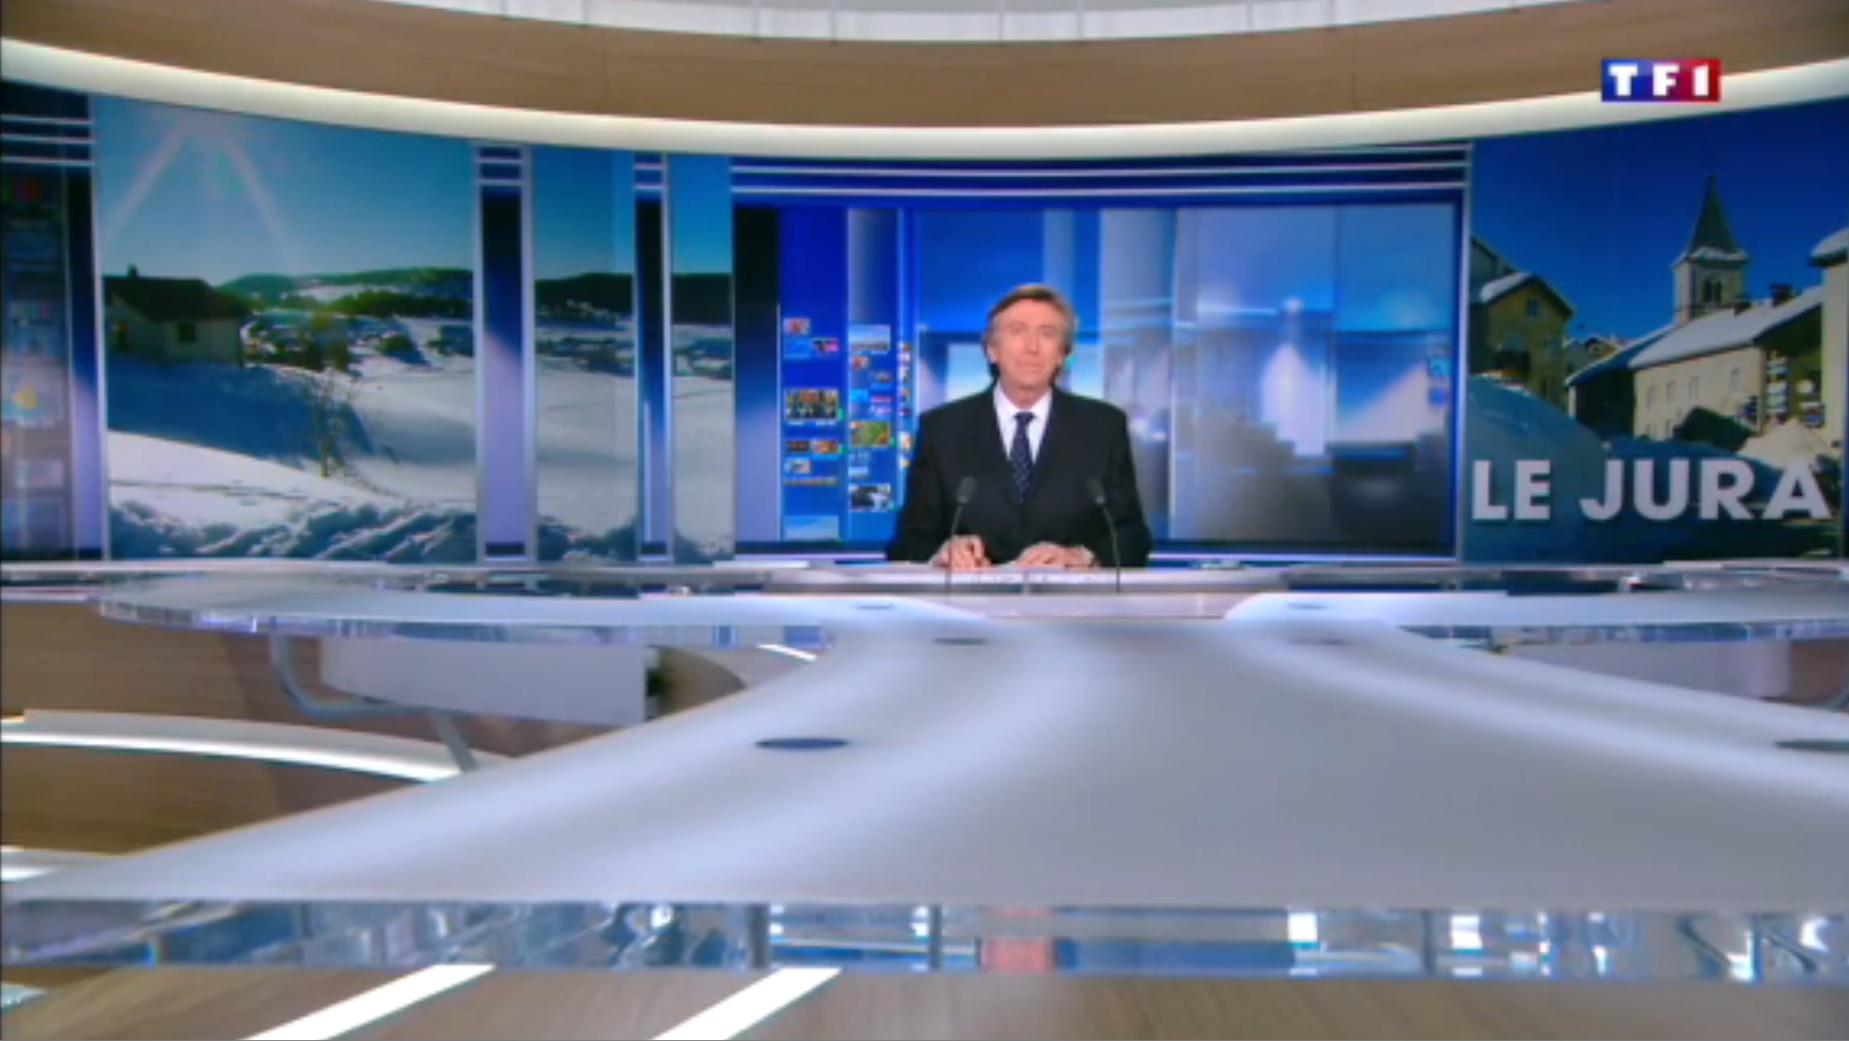 TF1  Jura (5-5)  la ferme d'alpage  1